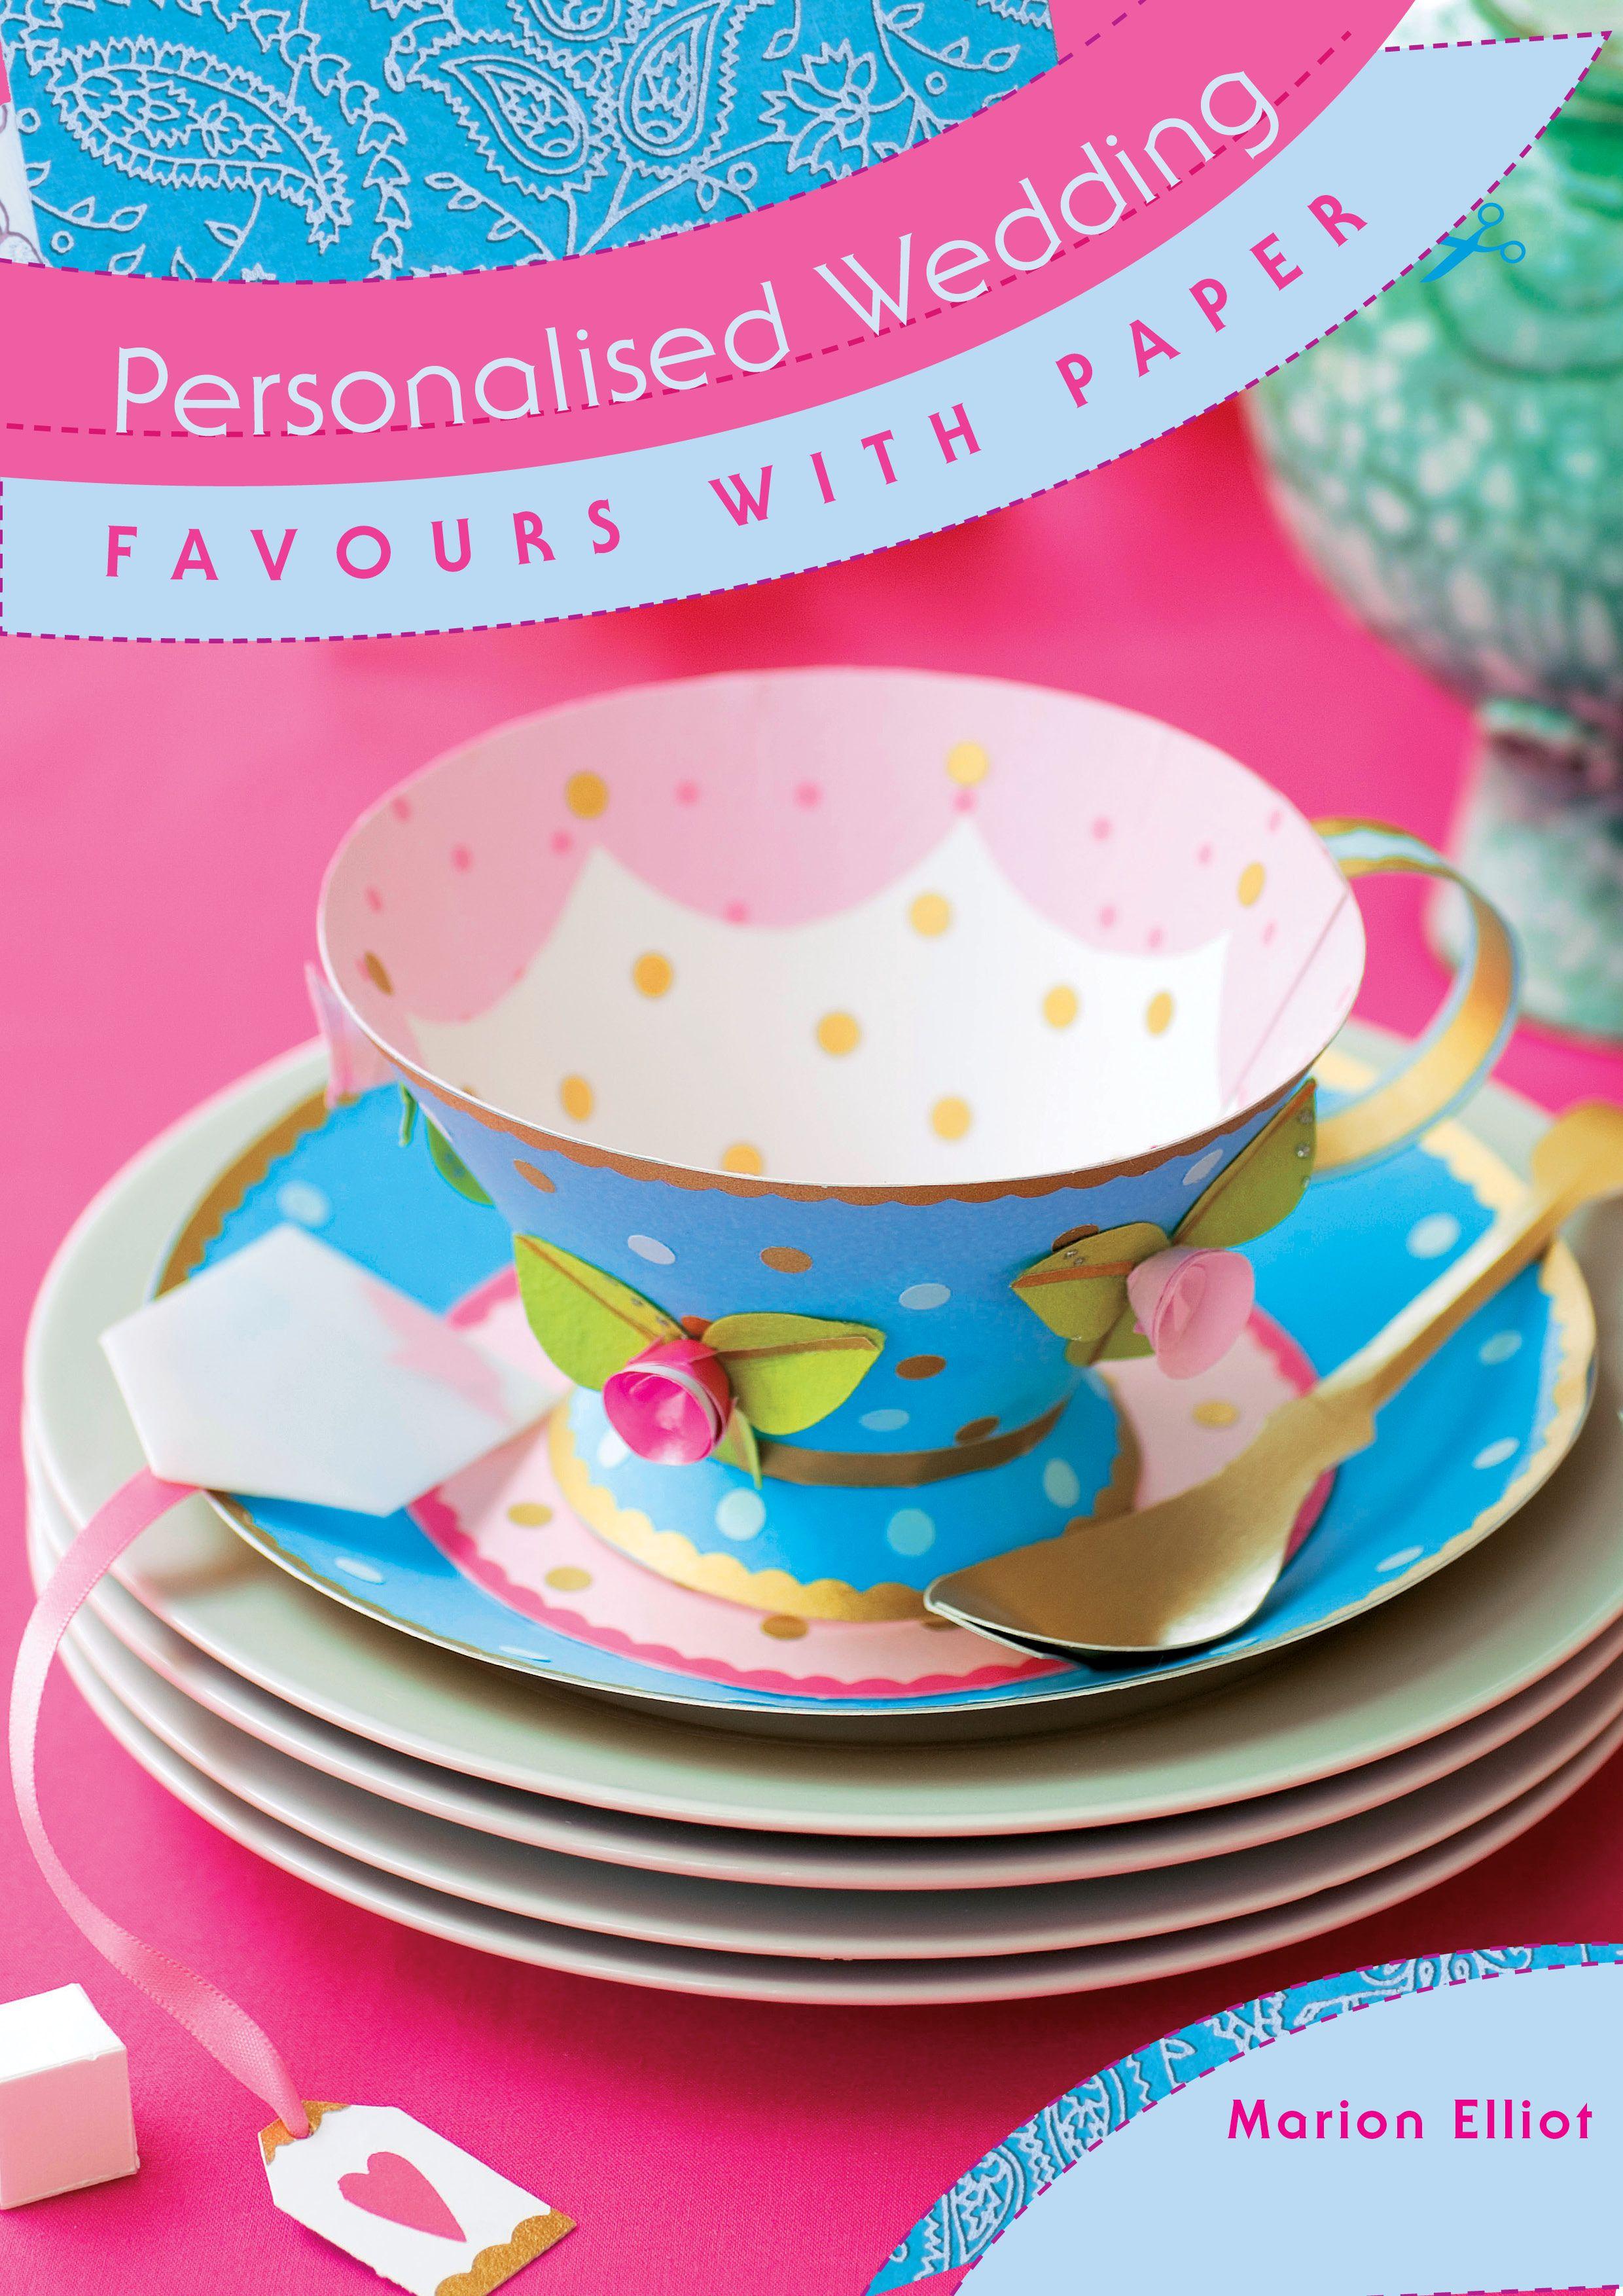 Personalised Wedding Favours | Books & Magazines | Pinterest ...